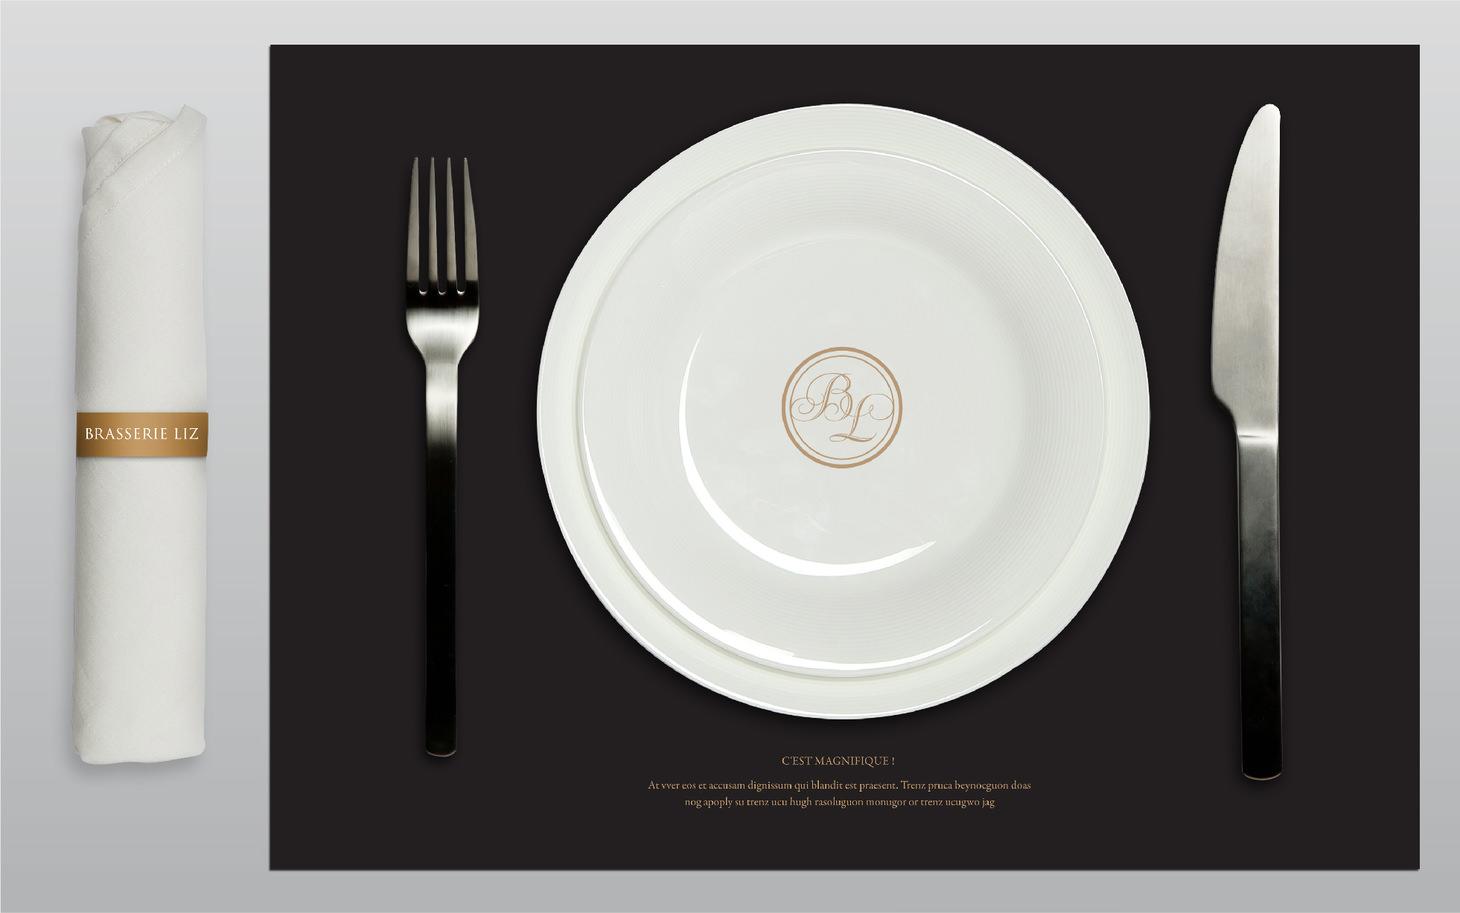 BrasserieLiz_Apps_03.jpg